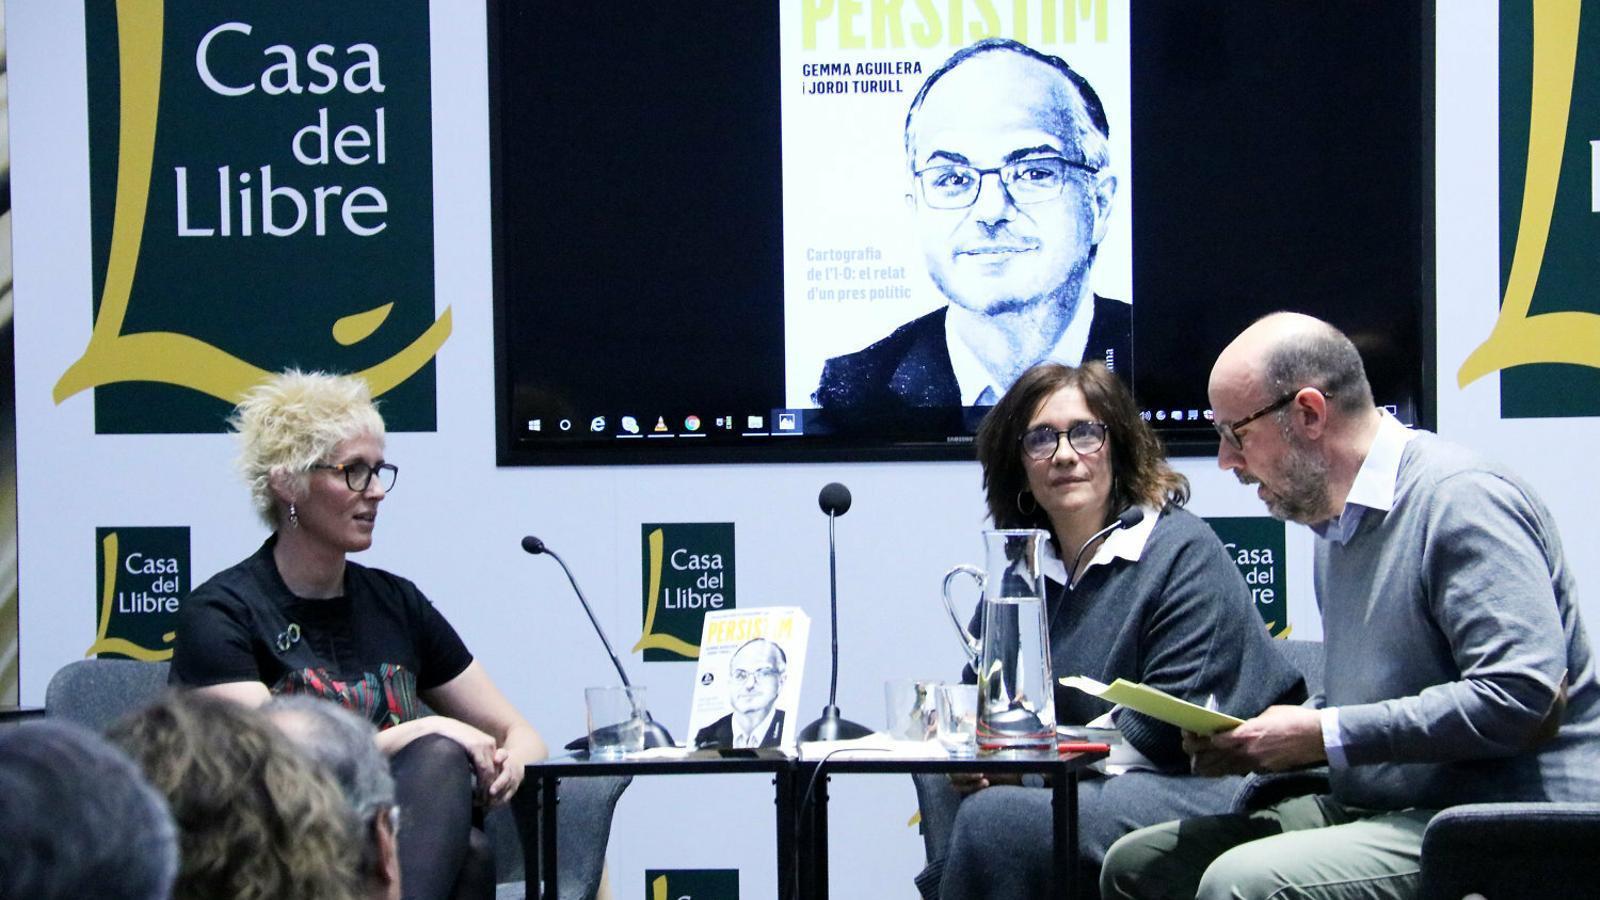 La presentació ahir del llibre de l'exconseller Jordi Turull.